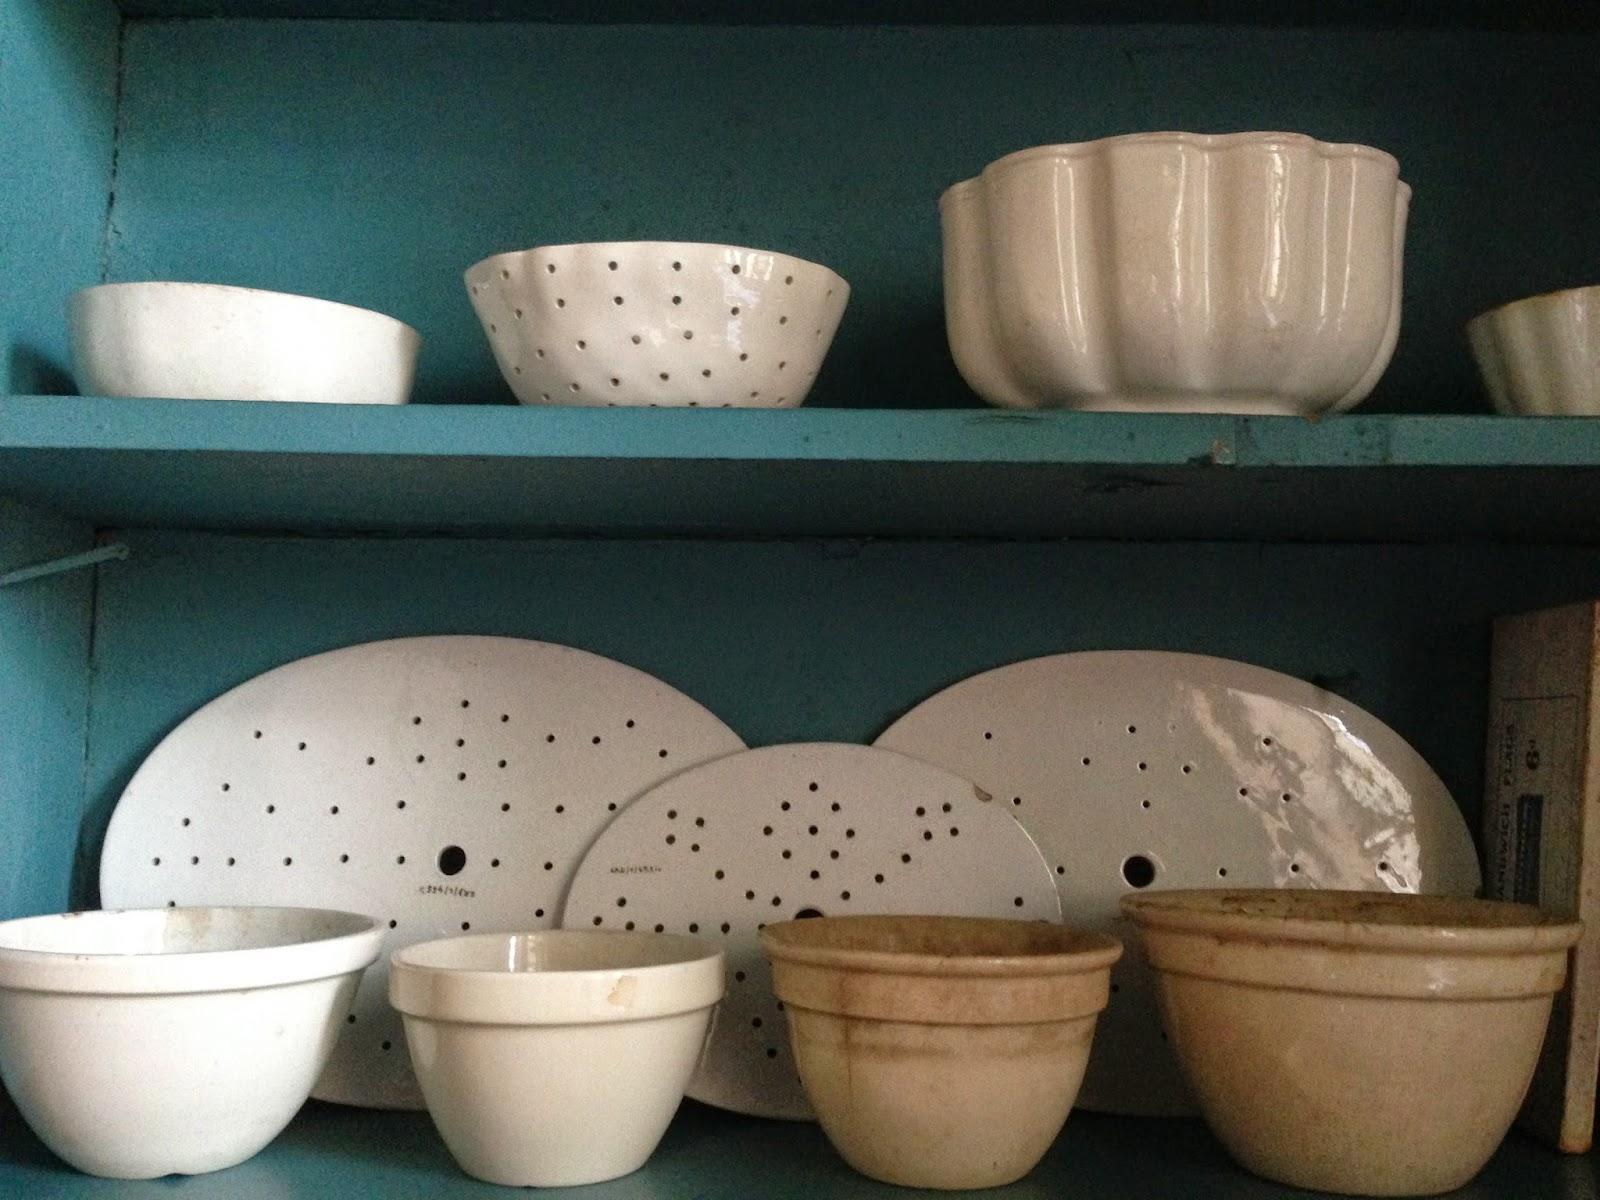 Erddig pudding bowls